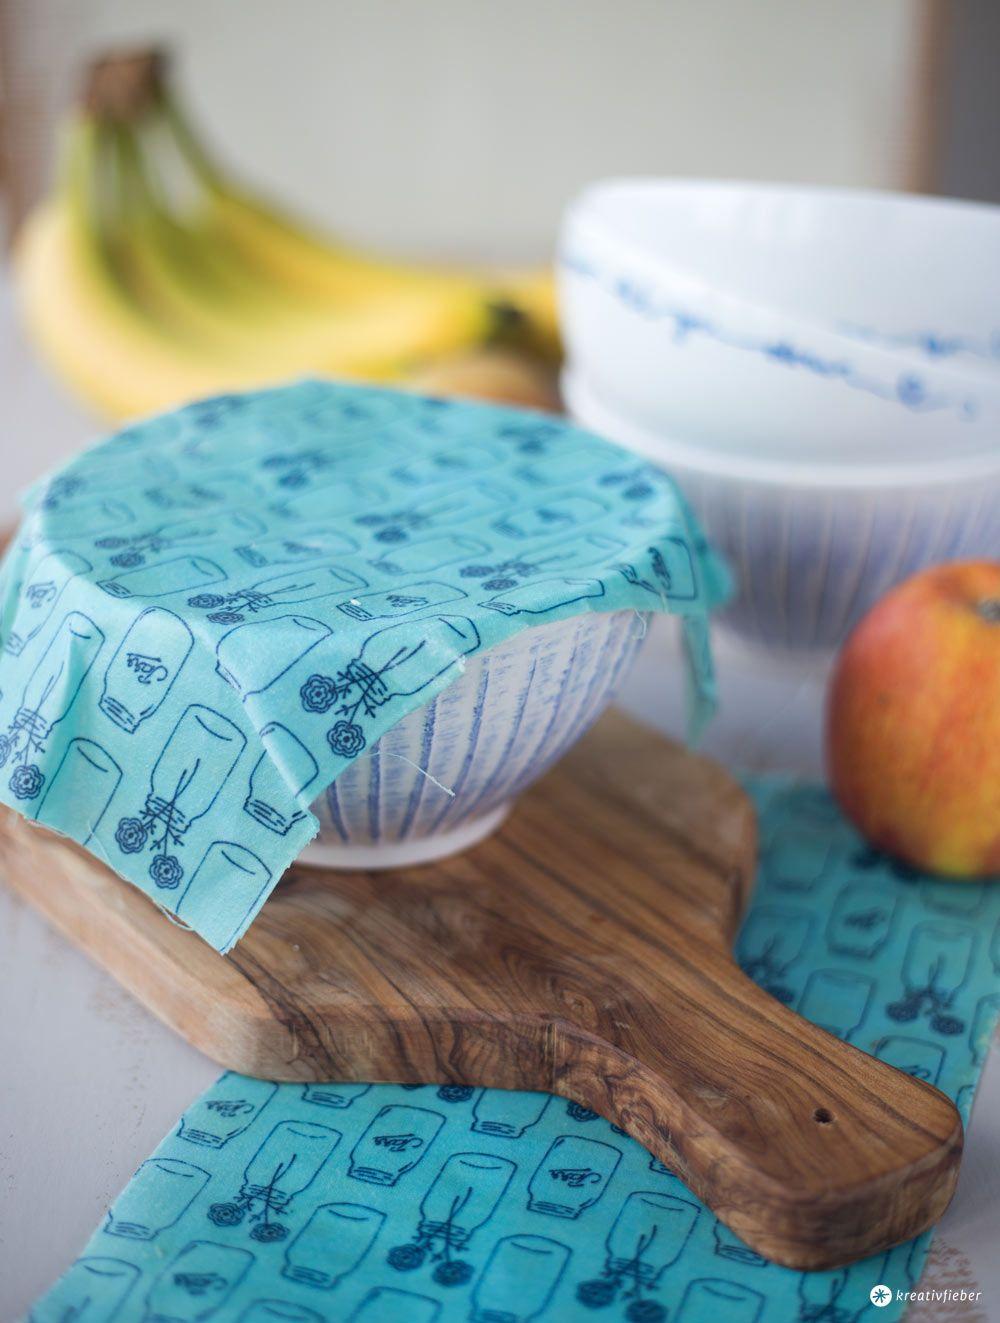 DIY Wachstücher selbermachen - wiederverwendbar Frischhaltefolienersatz #makeclothes